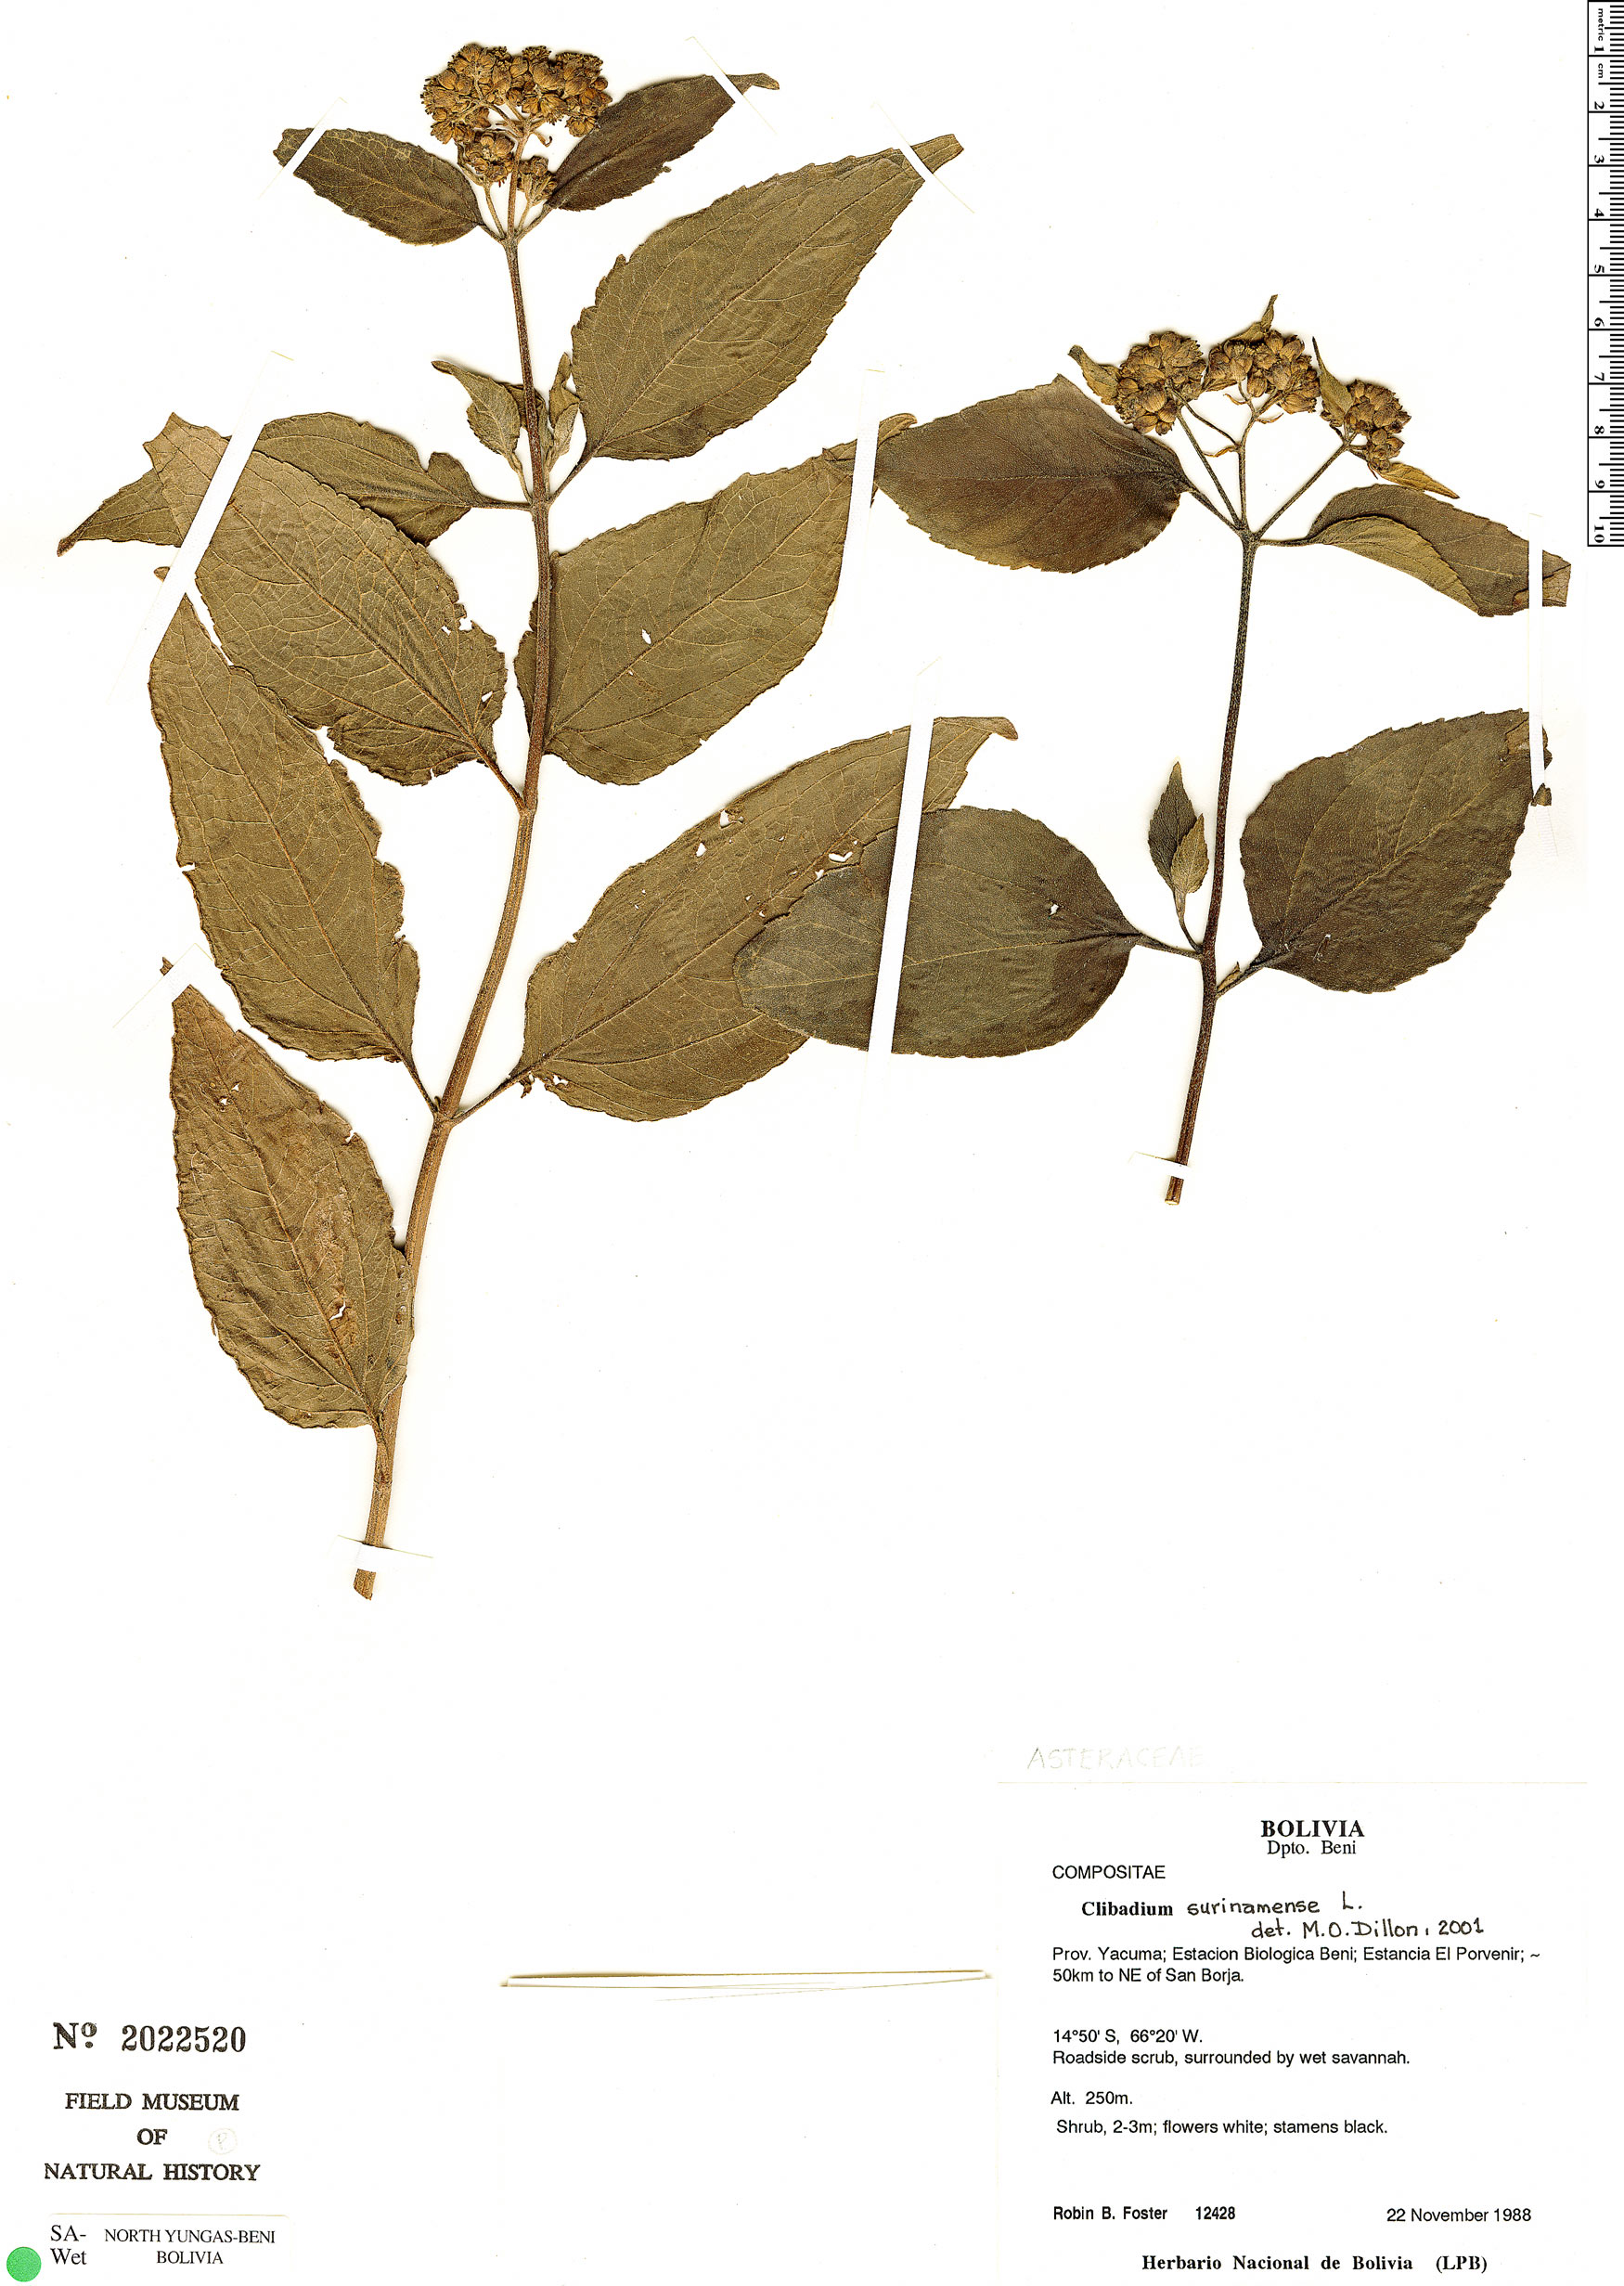 Specimen: Clibadium surinamense